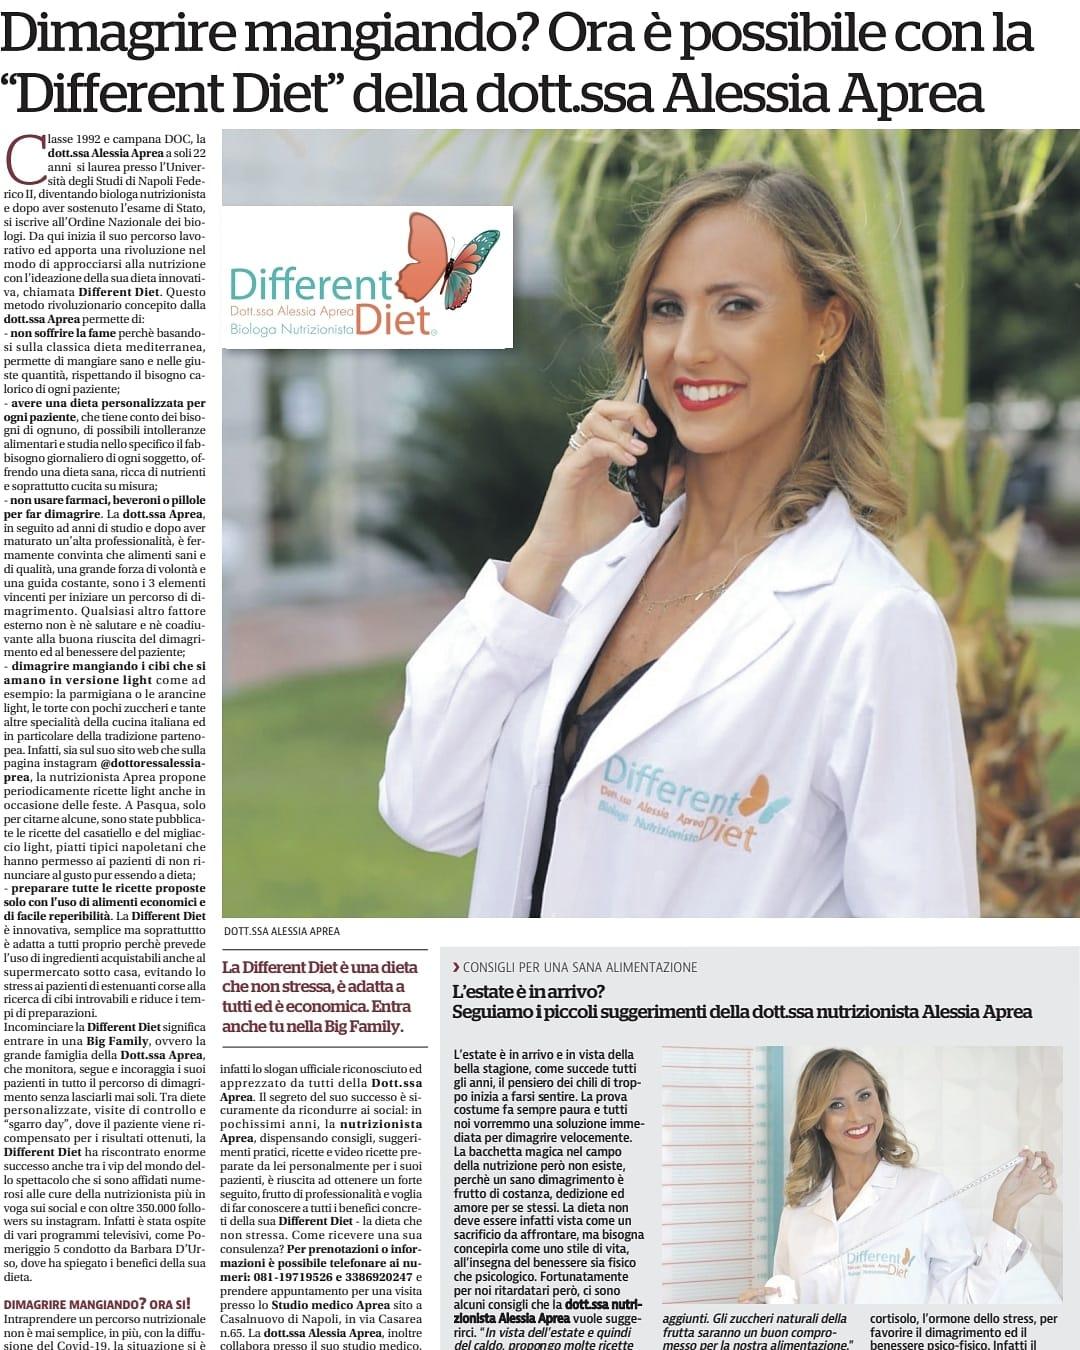 La dottoressa Alessia Aprea con la sua DifferentDiet sul giornale nazionale La Repubblica